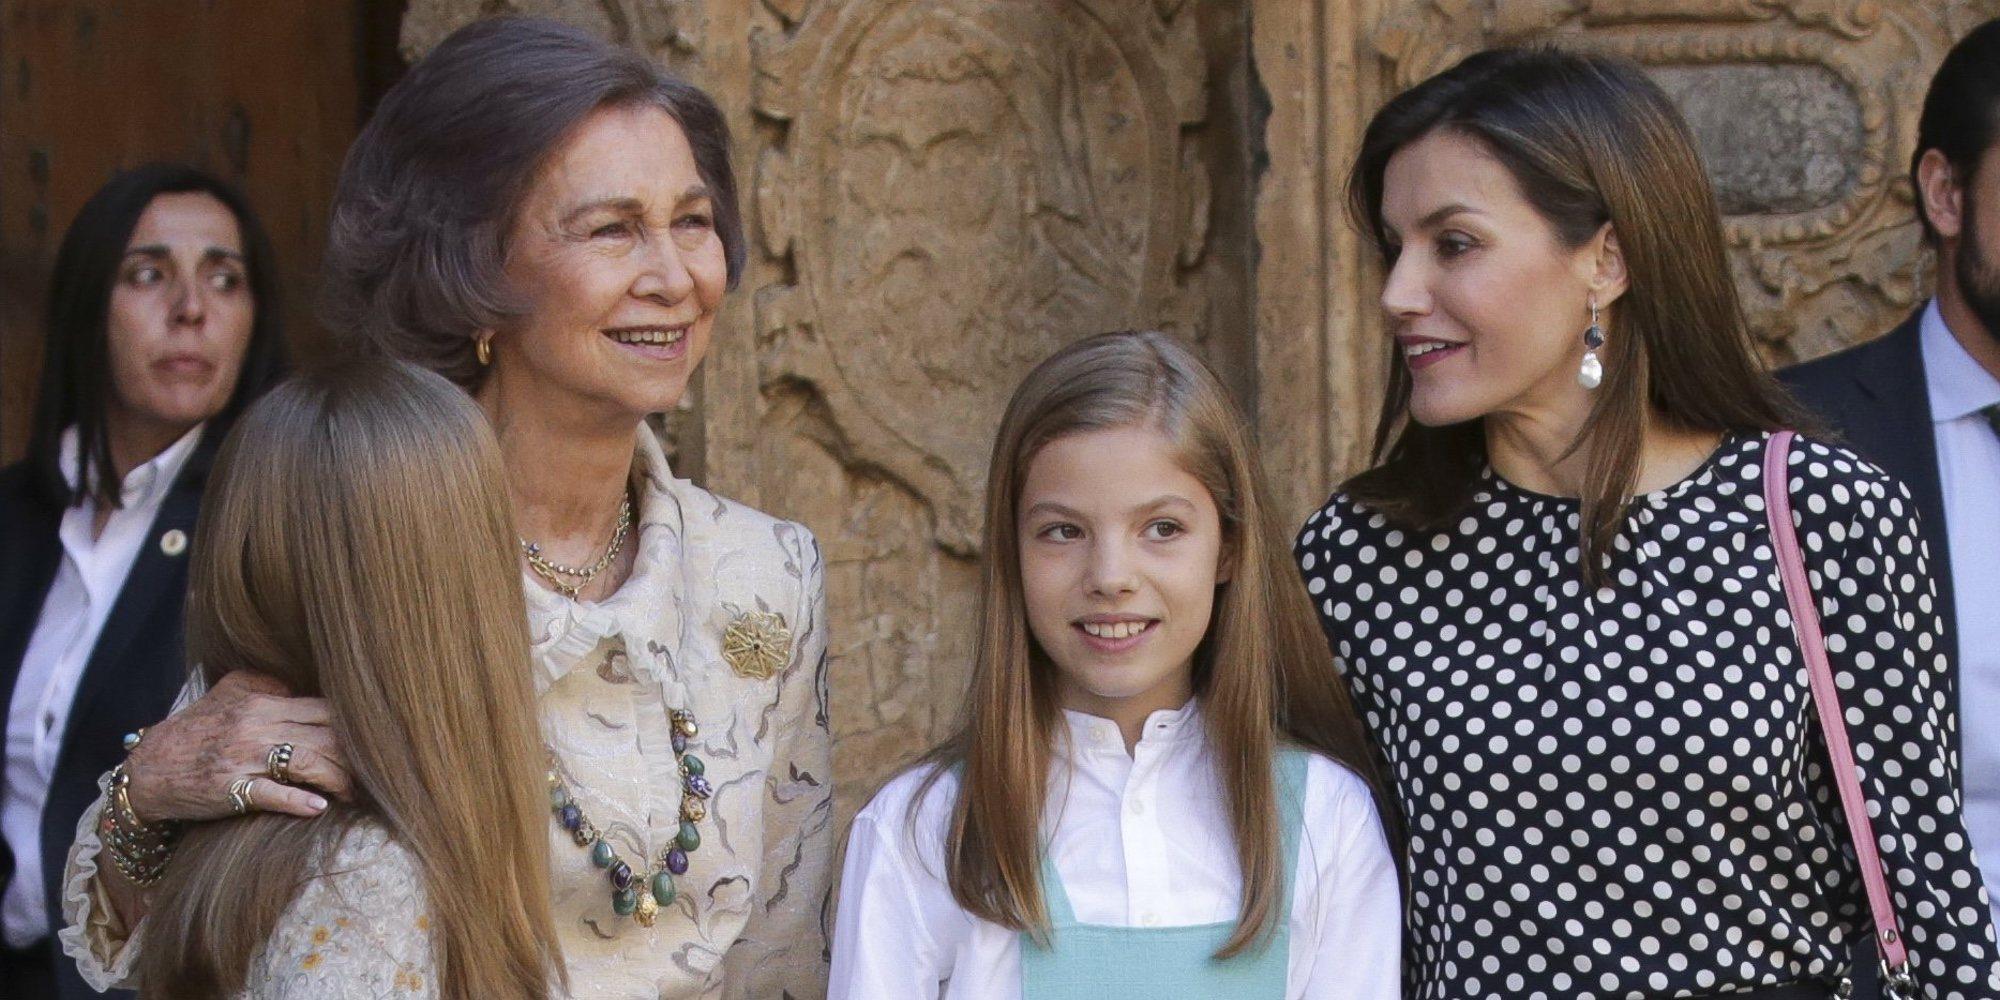 Un nuevo vídeo permite ver la cara de la Reina Letizia mientras increpa a Doña Sofía en la Misa de la Pascua